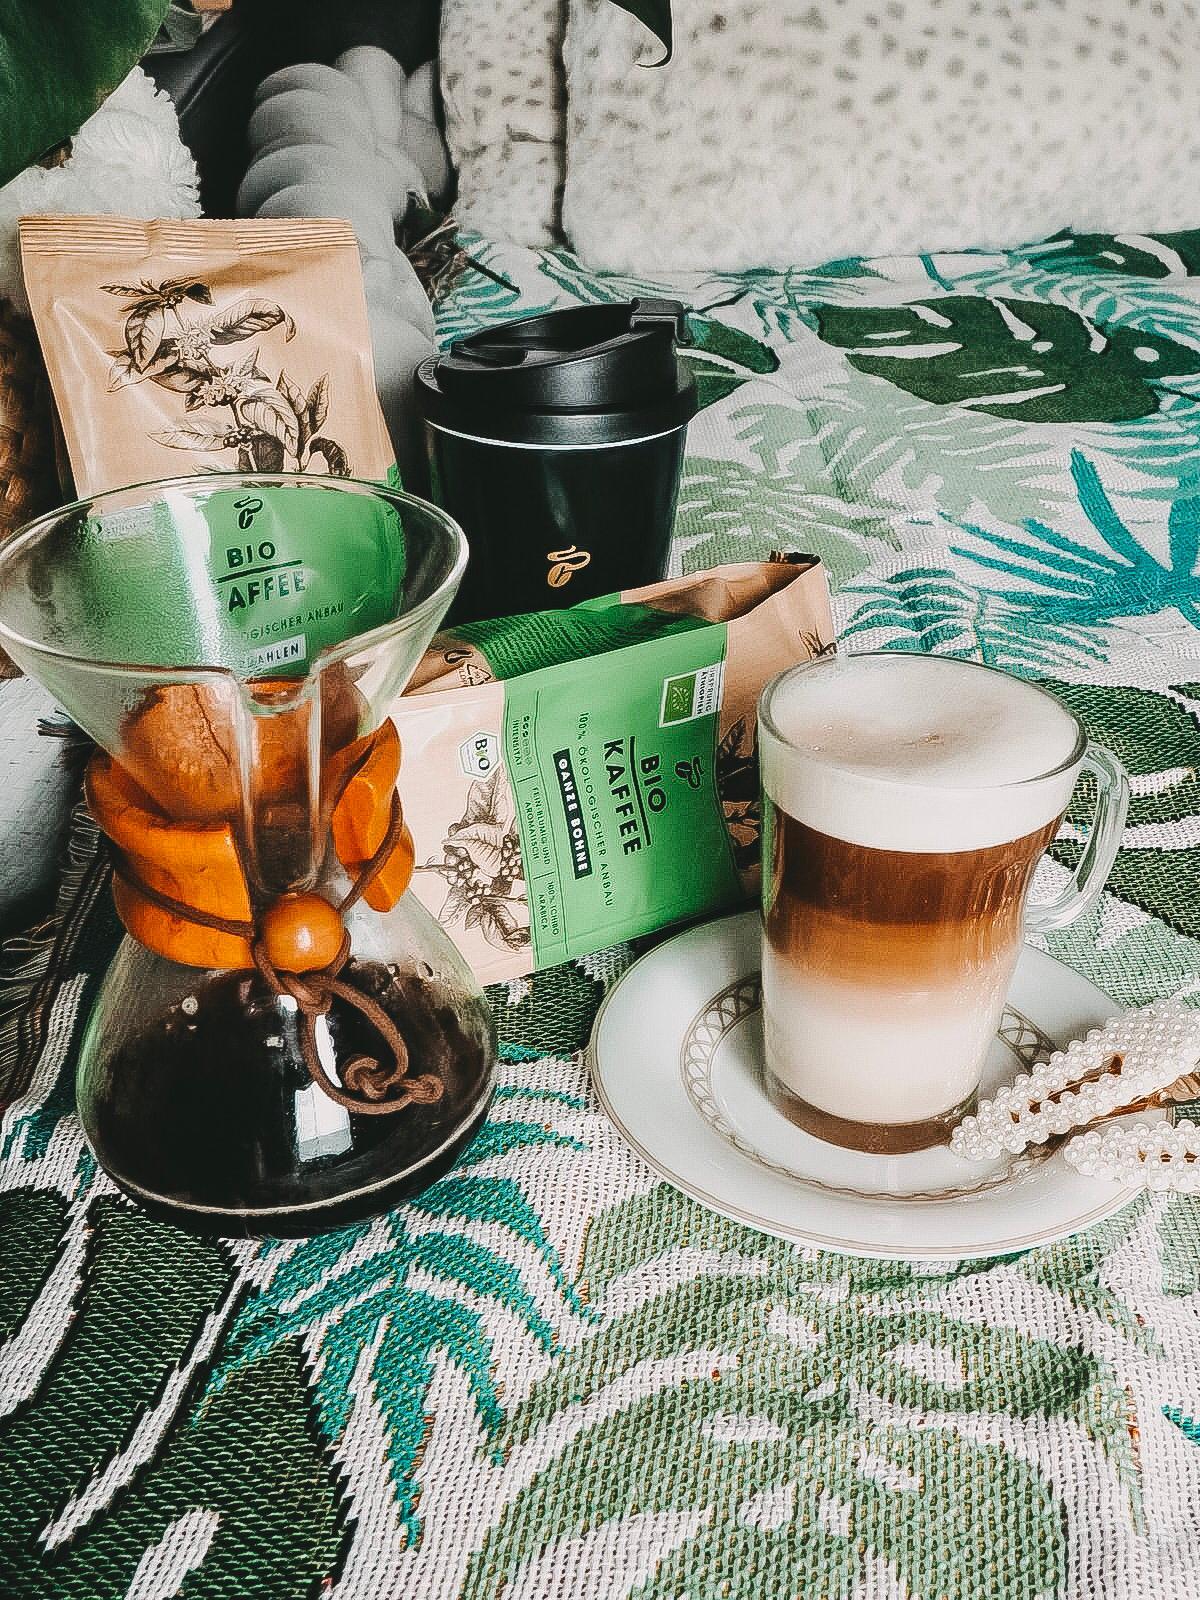 Der Bio Kaffee von Tchibo ist ein nachhaltiger Kaffee.